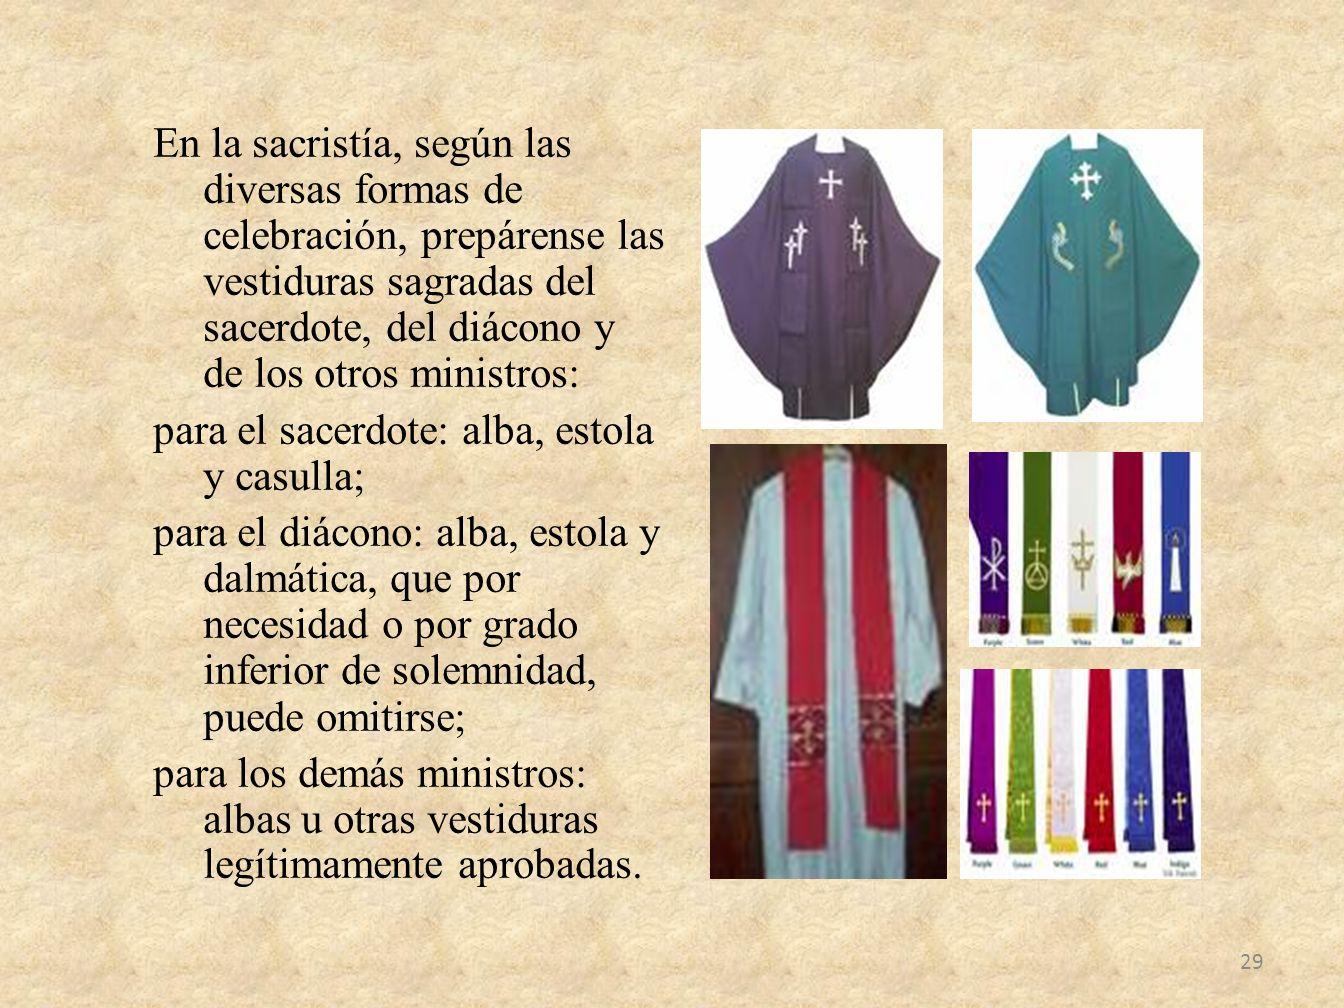 En la sacristía, según las diversas formas de celebración, prepárense las vestiduras sagradas del sacerdote, del diácono y de los otros ministros: par